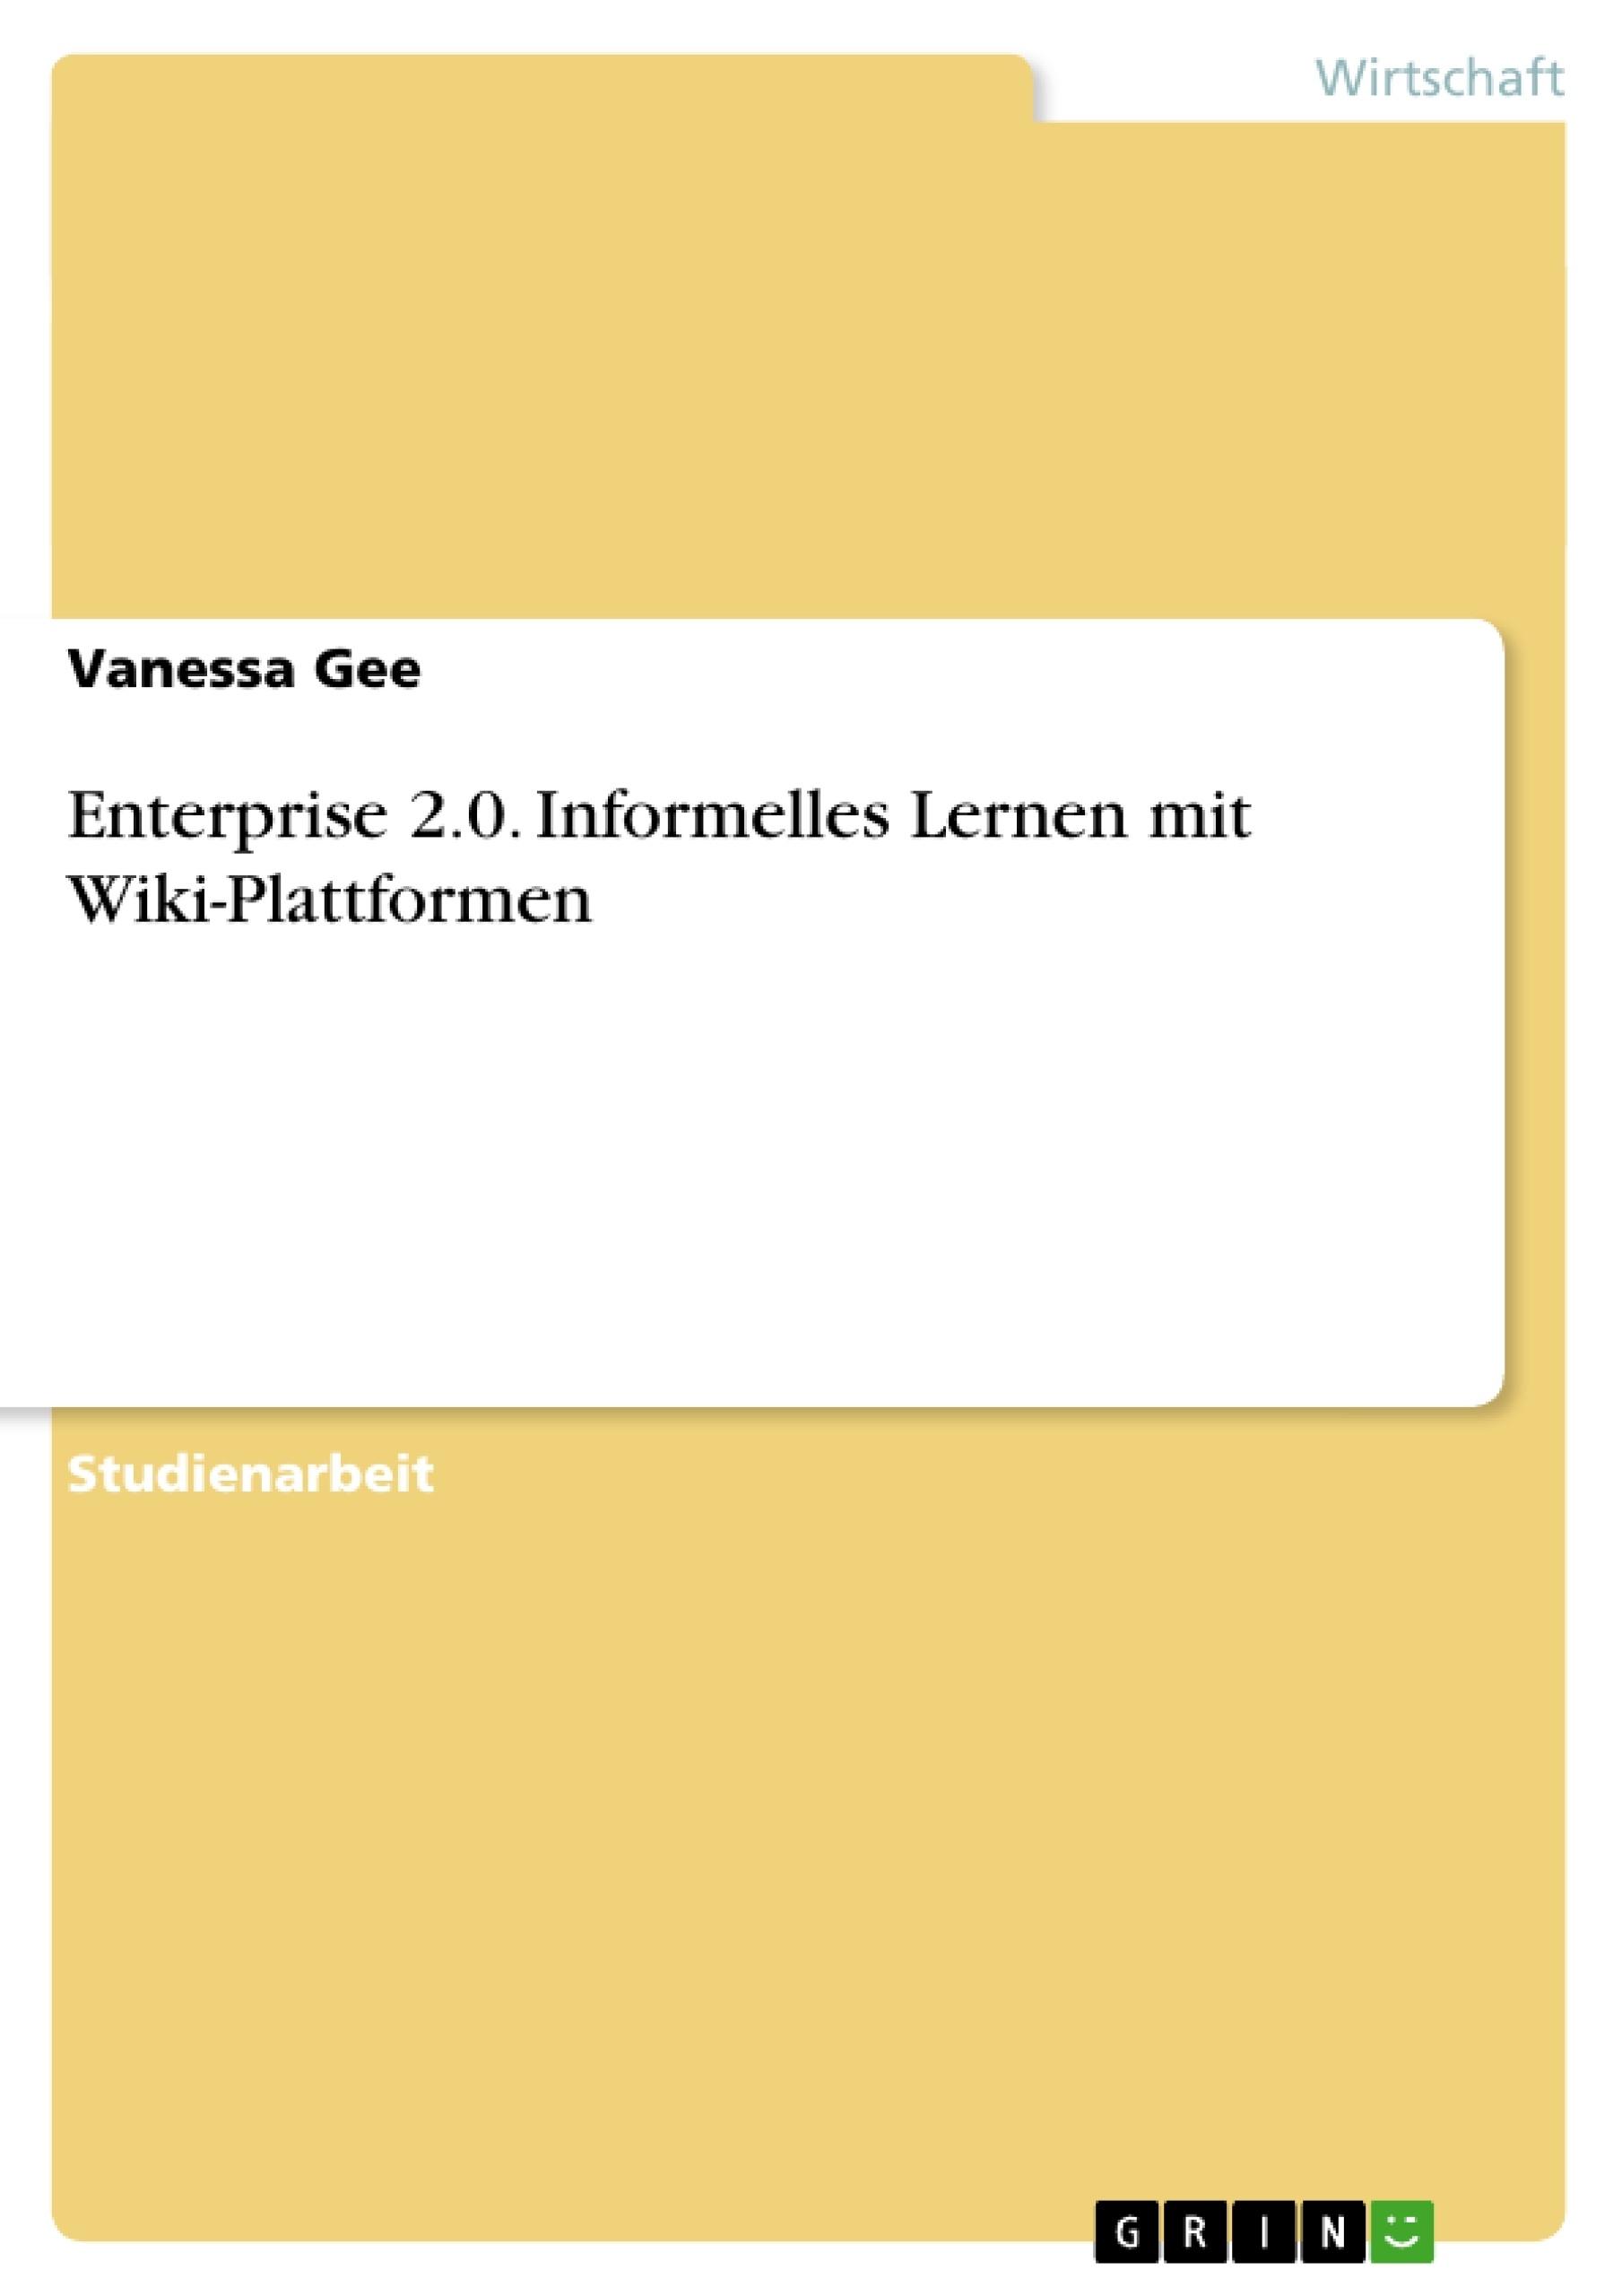 Titel: Enterprise 2.0. Informelles Lernen mit Wiki-Plattformen